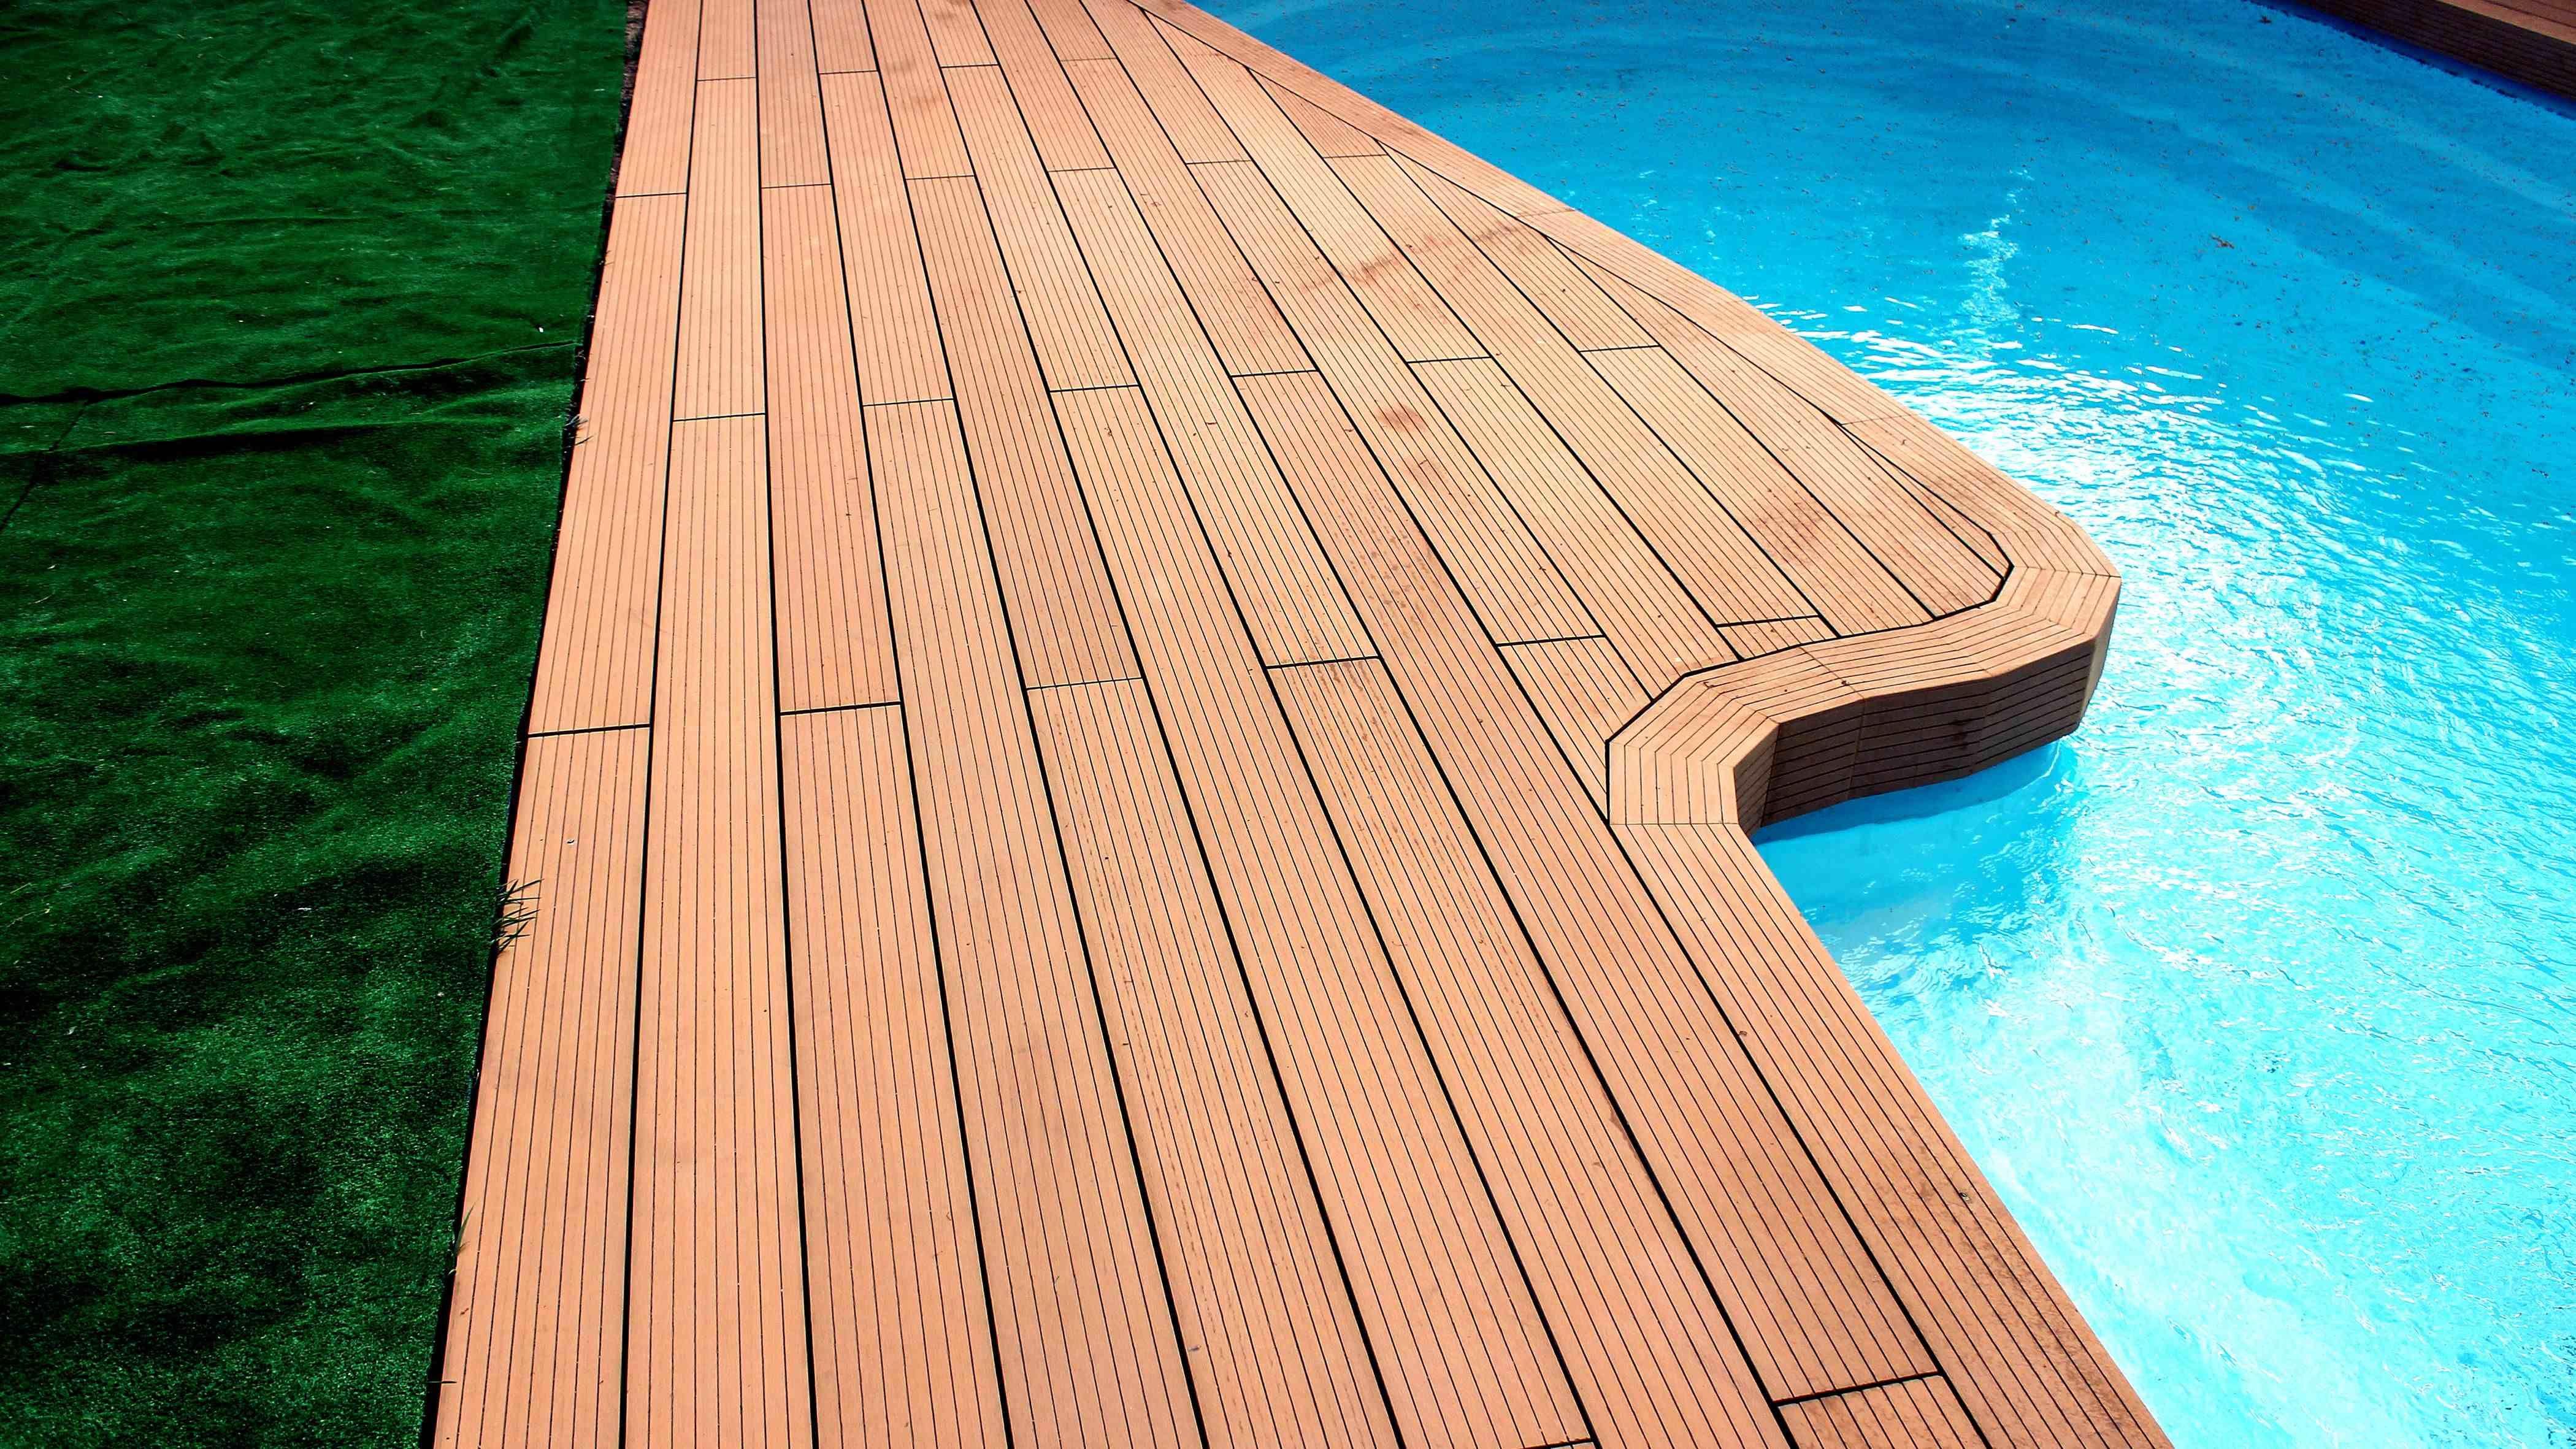 Comment choisir des lames de terrasse en bois composite ?